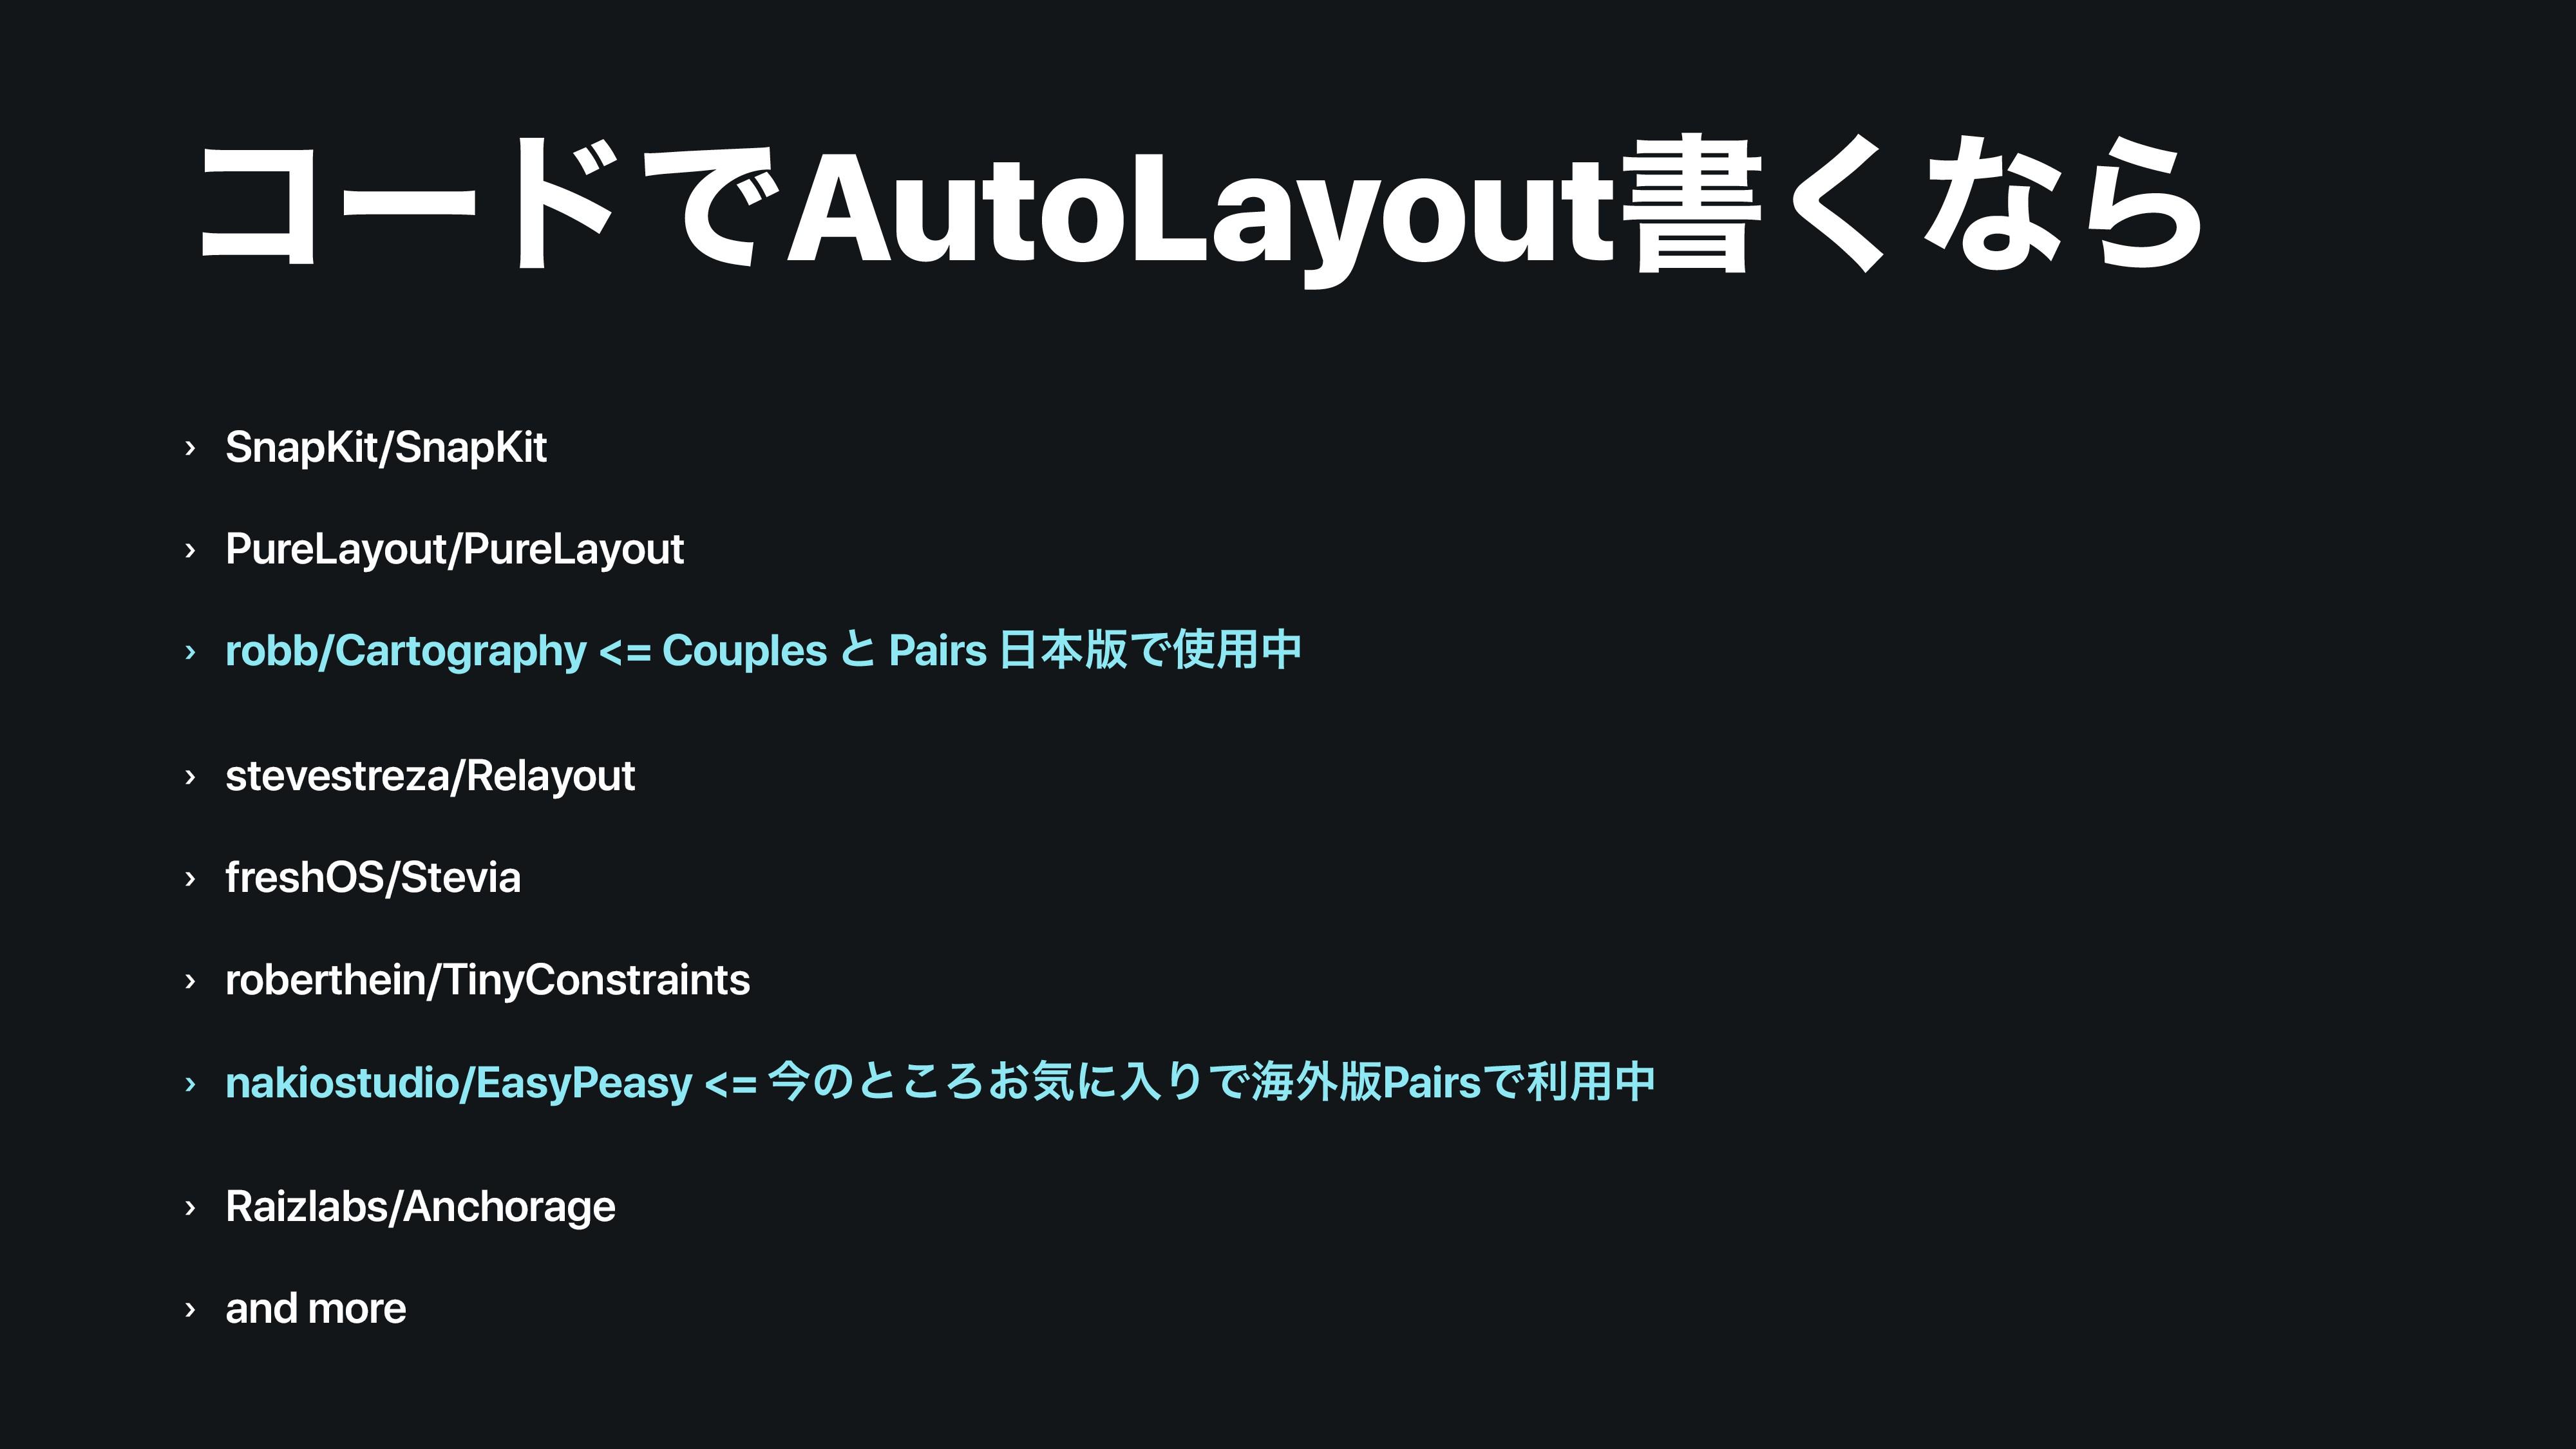 ίʔυͰAutoLayoutॻ͘ͳΒ › SnapKit/SnapKit › PureLayo...